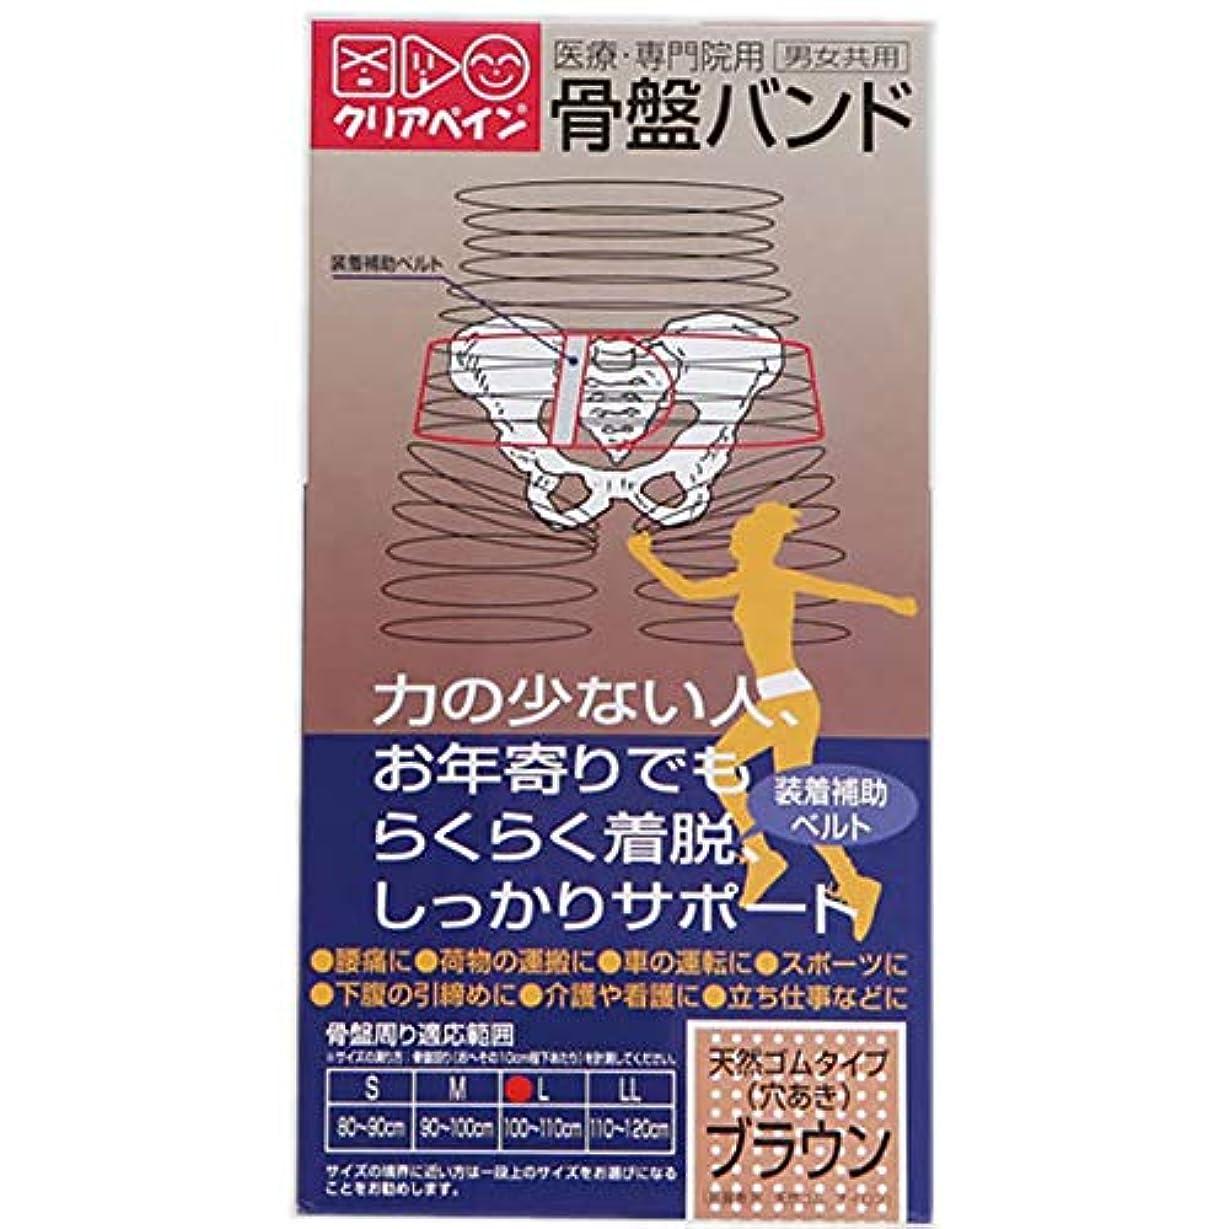 腰バンド 骨盤バンド (生ゴム) 穴あきタイプ 介護用 介護用品 (ブラウン, L(100-110cm))